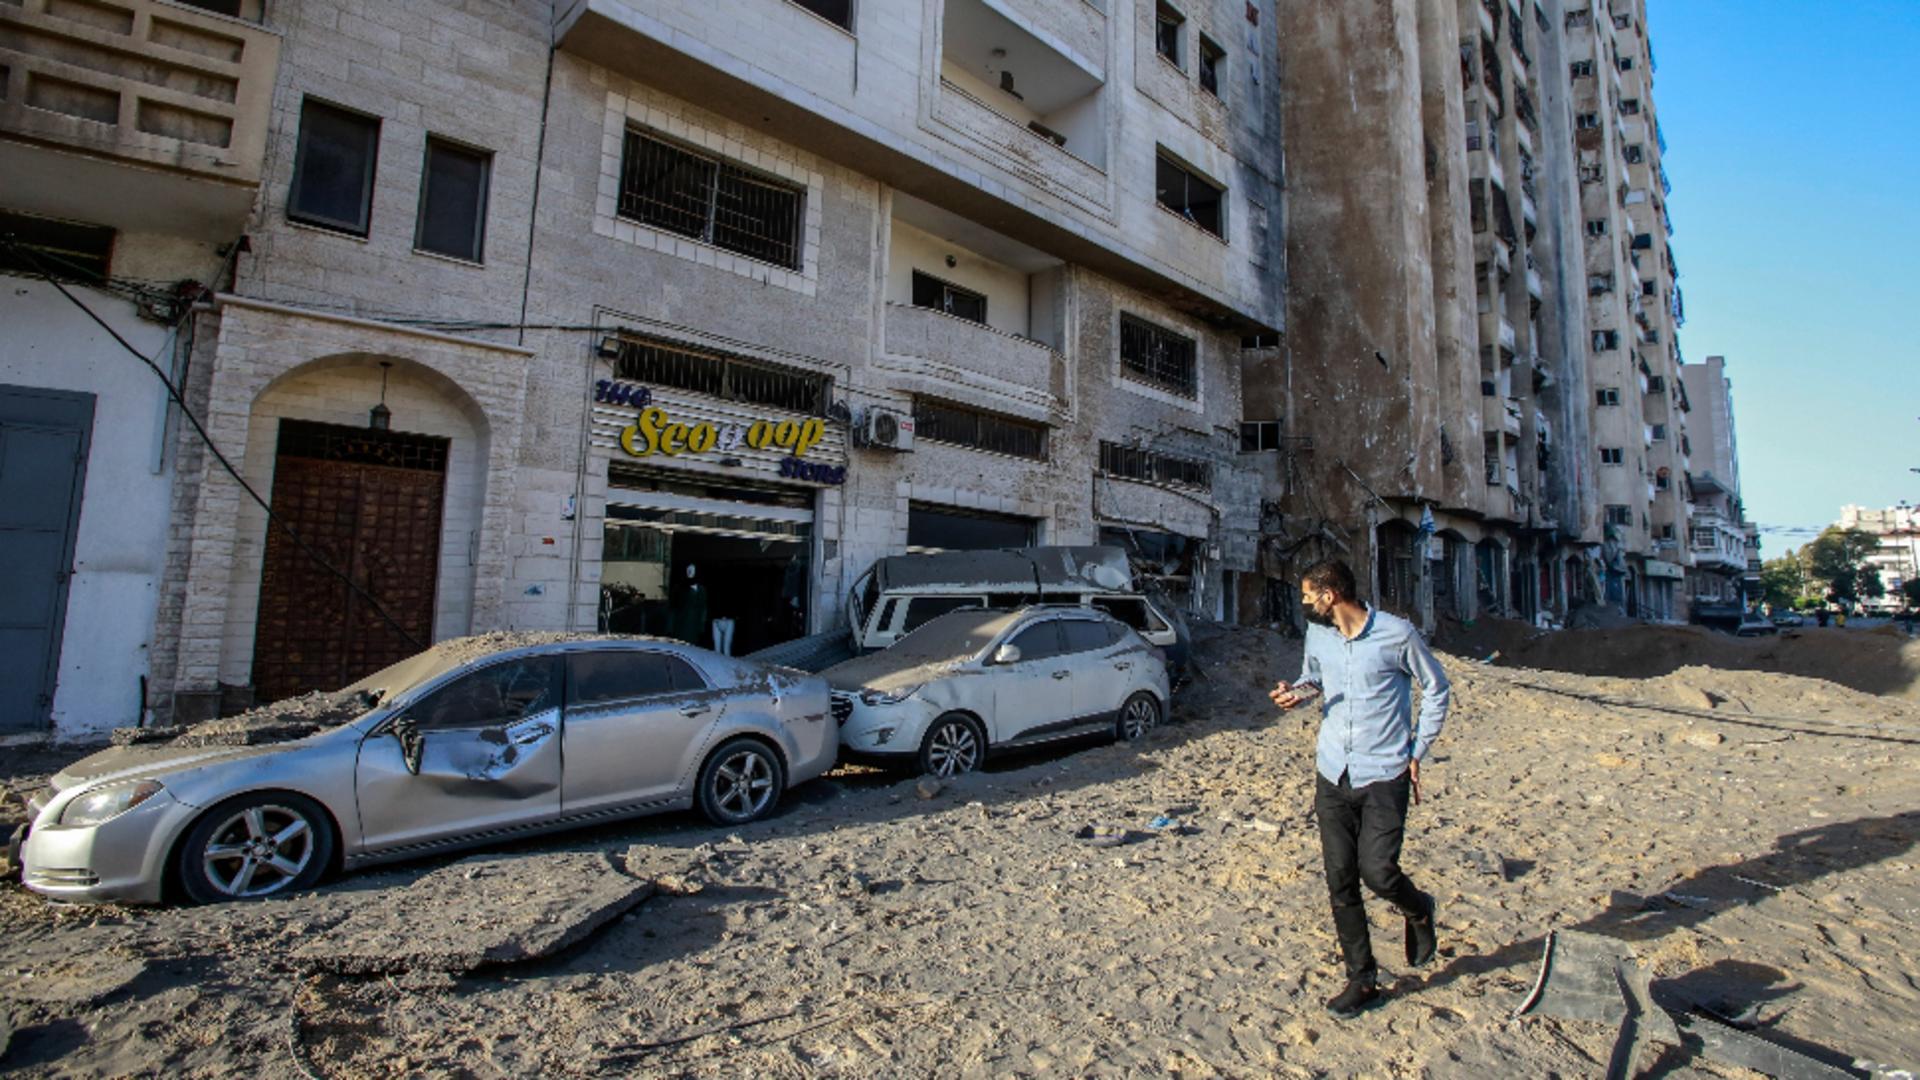 Israelul şi mişcarea islamistă Hamas se îndreaptă spre un război la scară mare / Foto: Profi Media